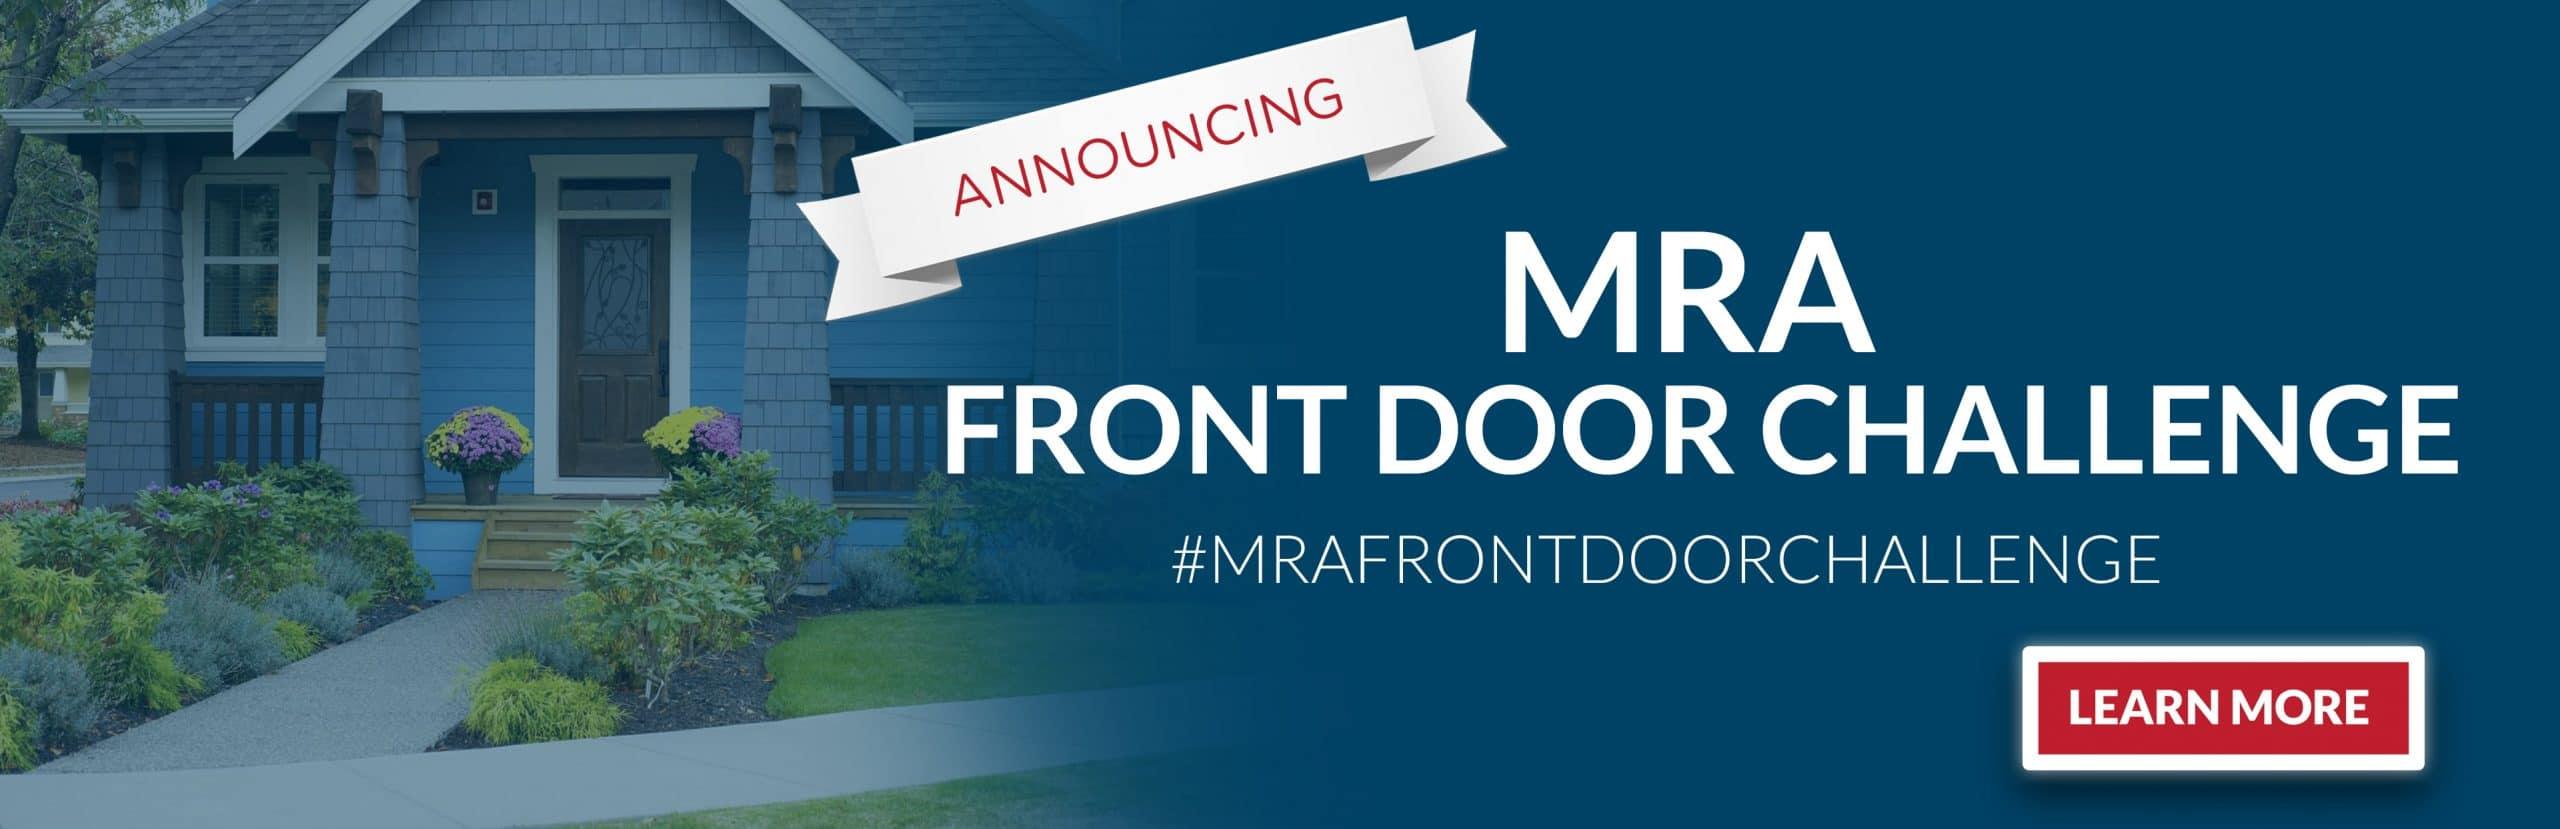 MRA Front Door Challenge